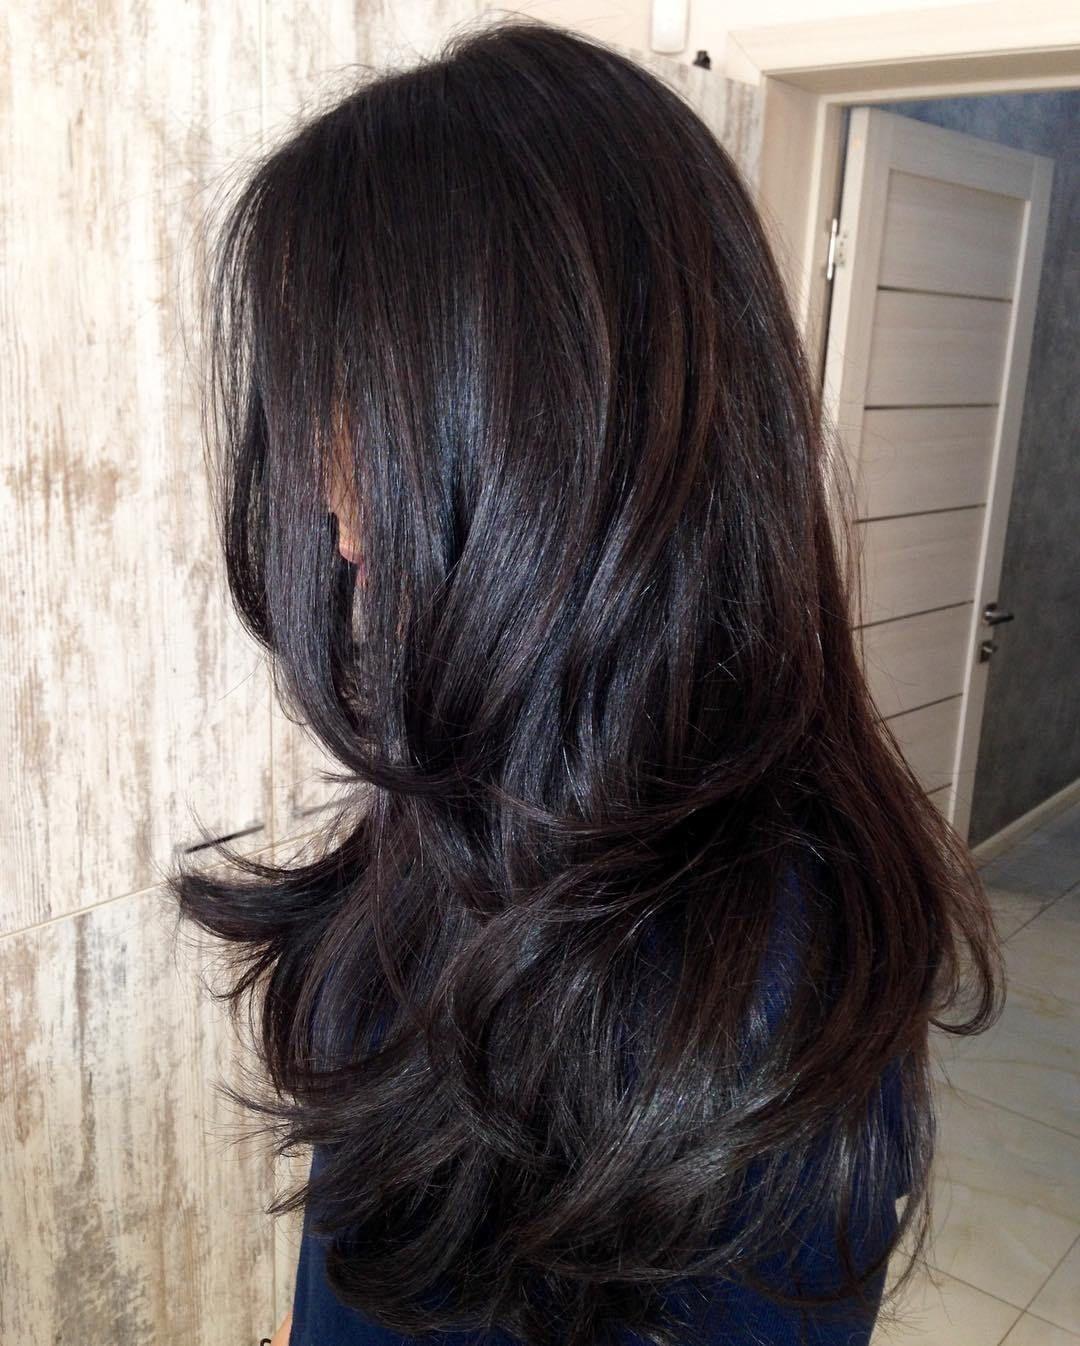 42 Suggestions For Dark Brown Hair Color Easy Hairstyles Brunette Hair Color Hair Styles Dark Chocolate Brown Hair